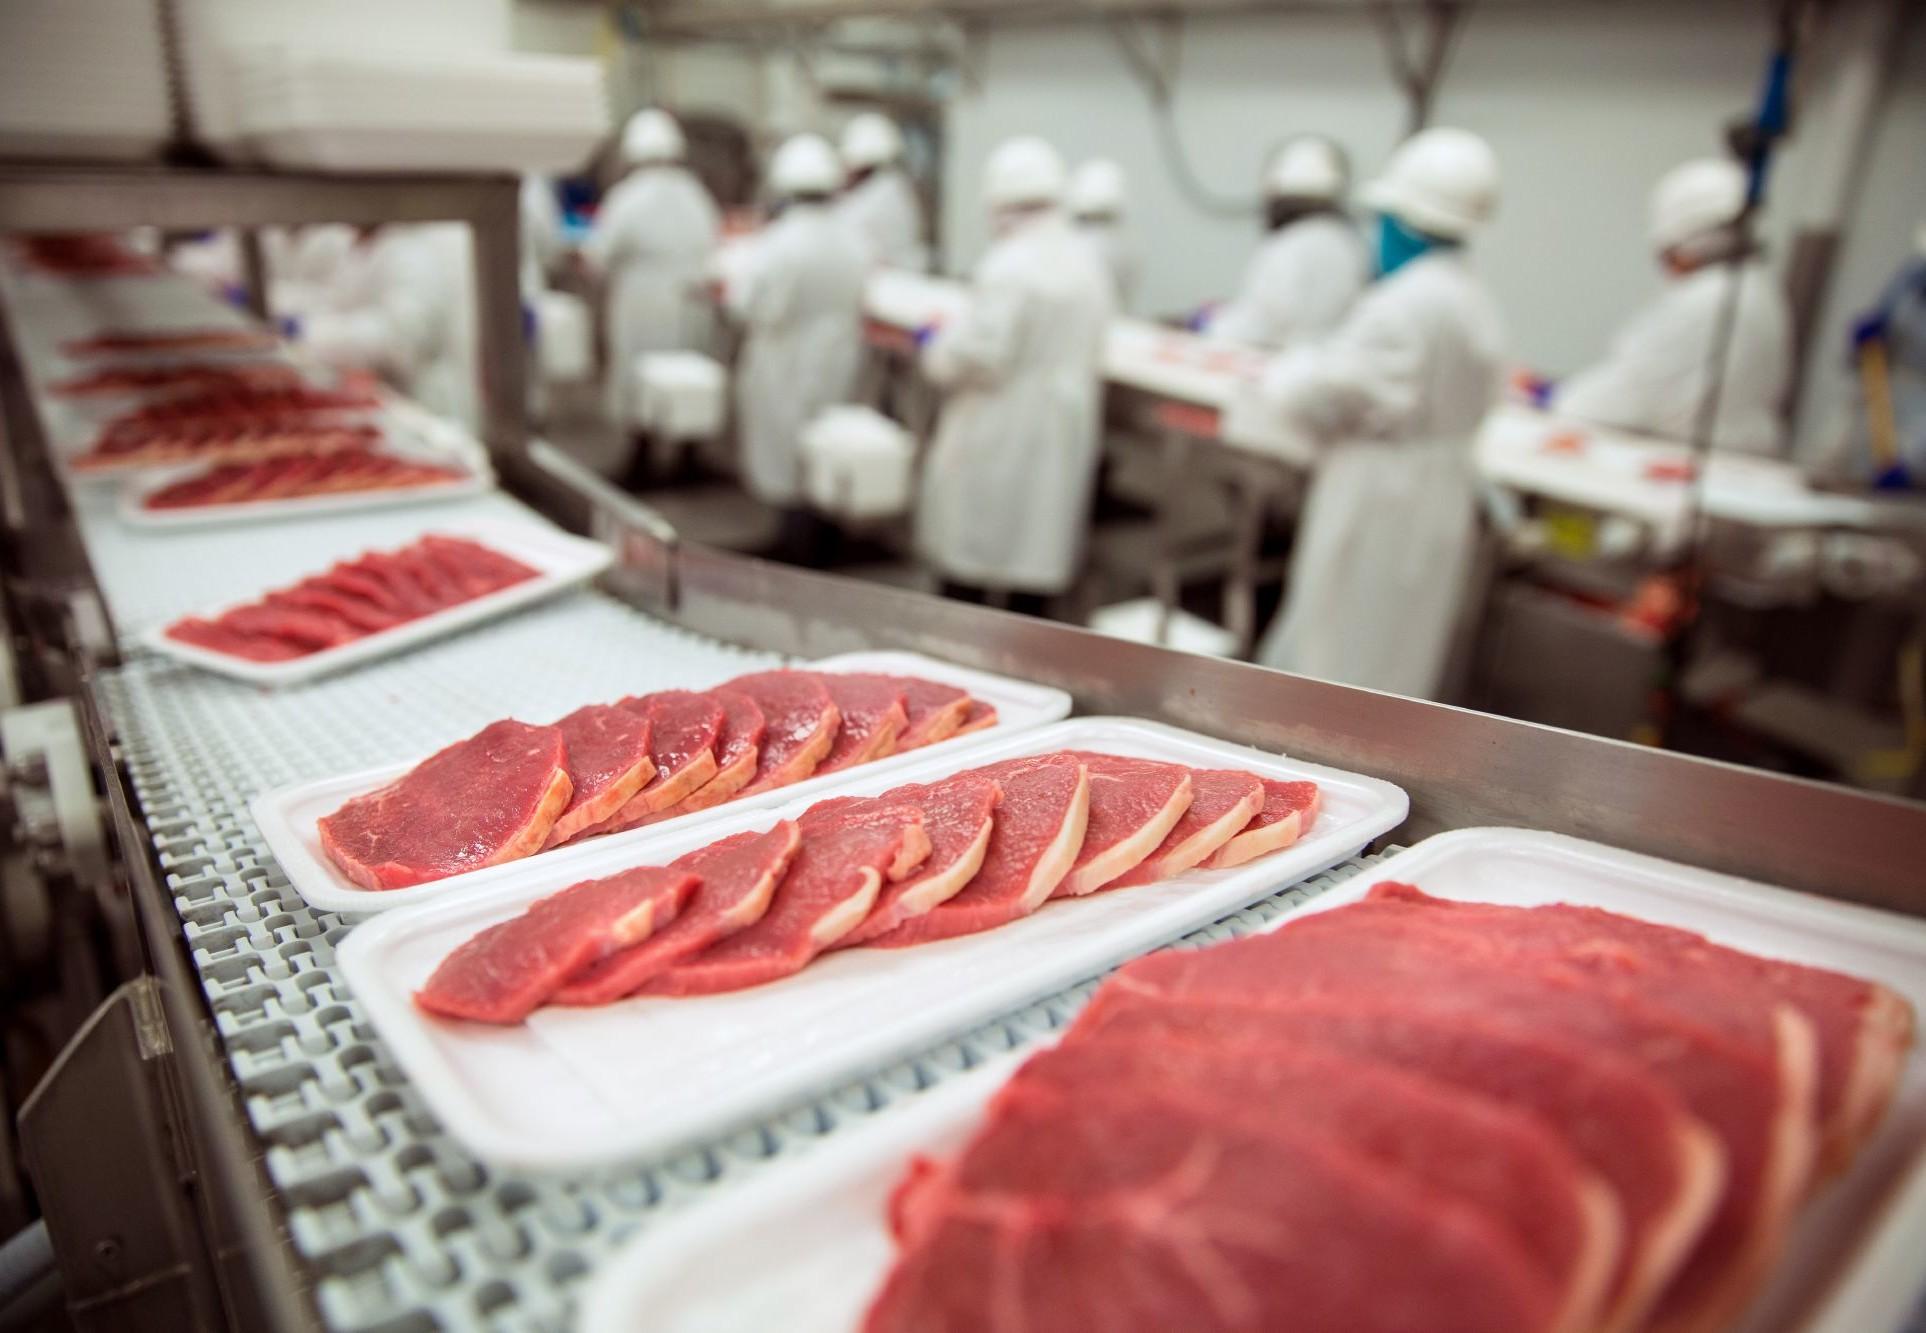 изготовление мяса в картинках гарантируем